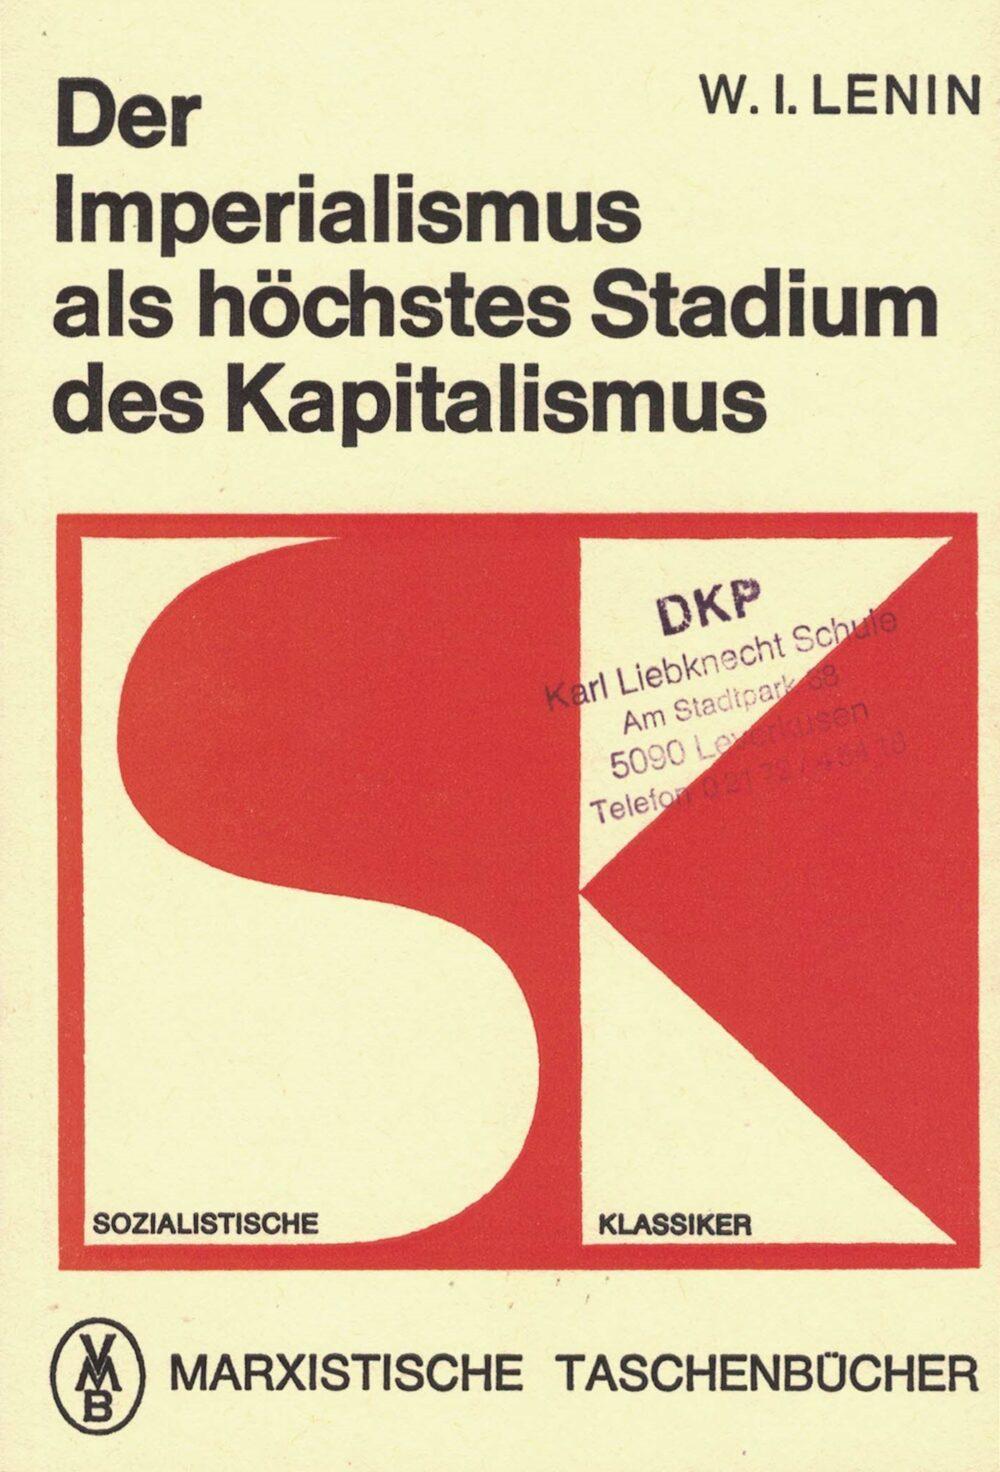 Lenin - Der Imperialismus als höchstes Stadium des Kapitalismus